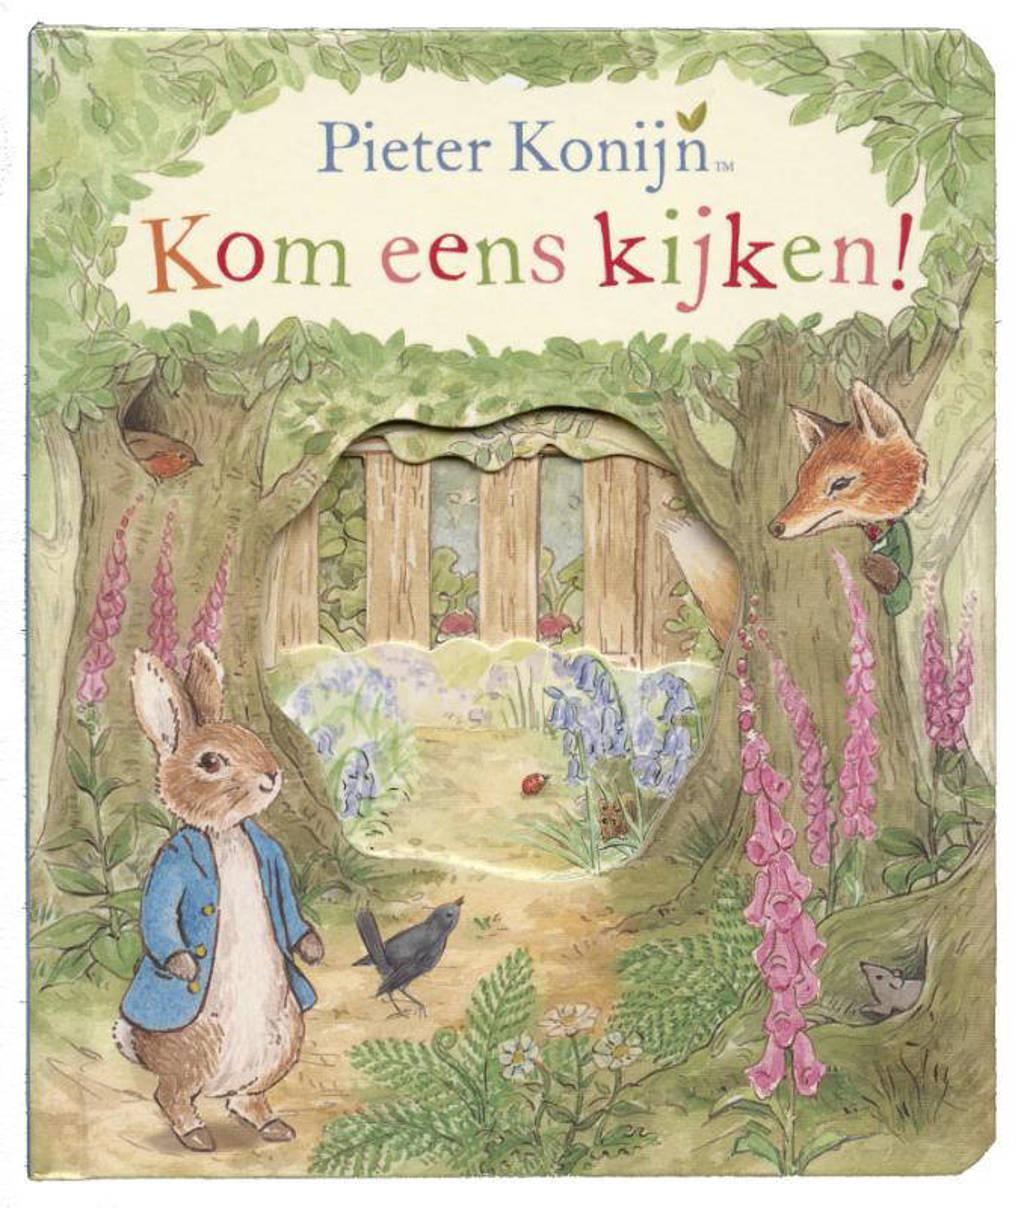 Pieter Konijn: Pieter Konijn: Kom eens kijken - Beatrix Potter